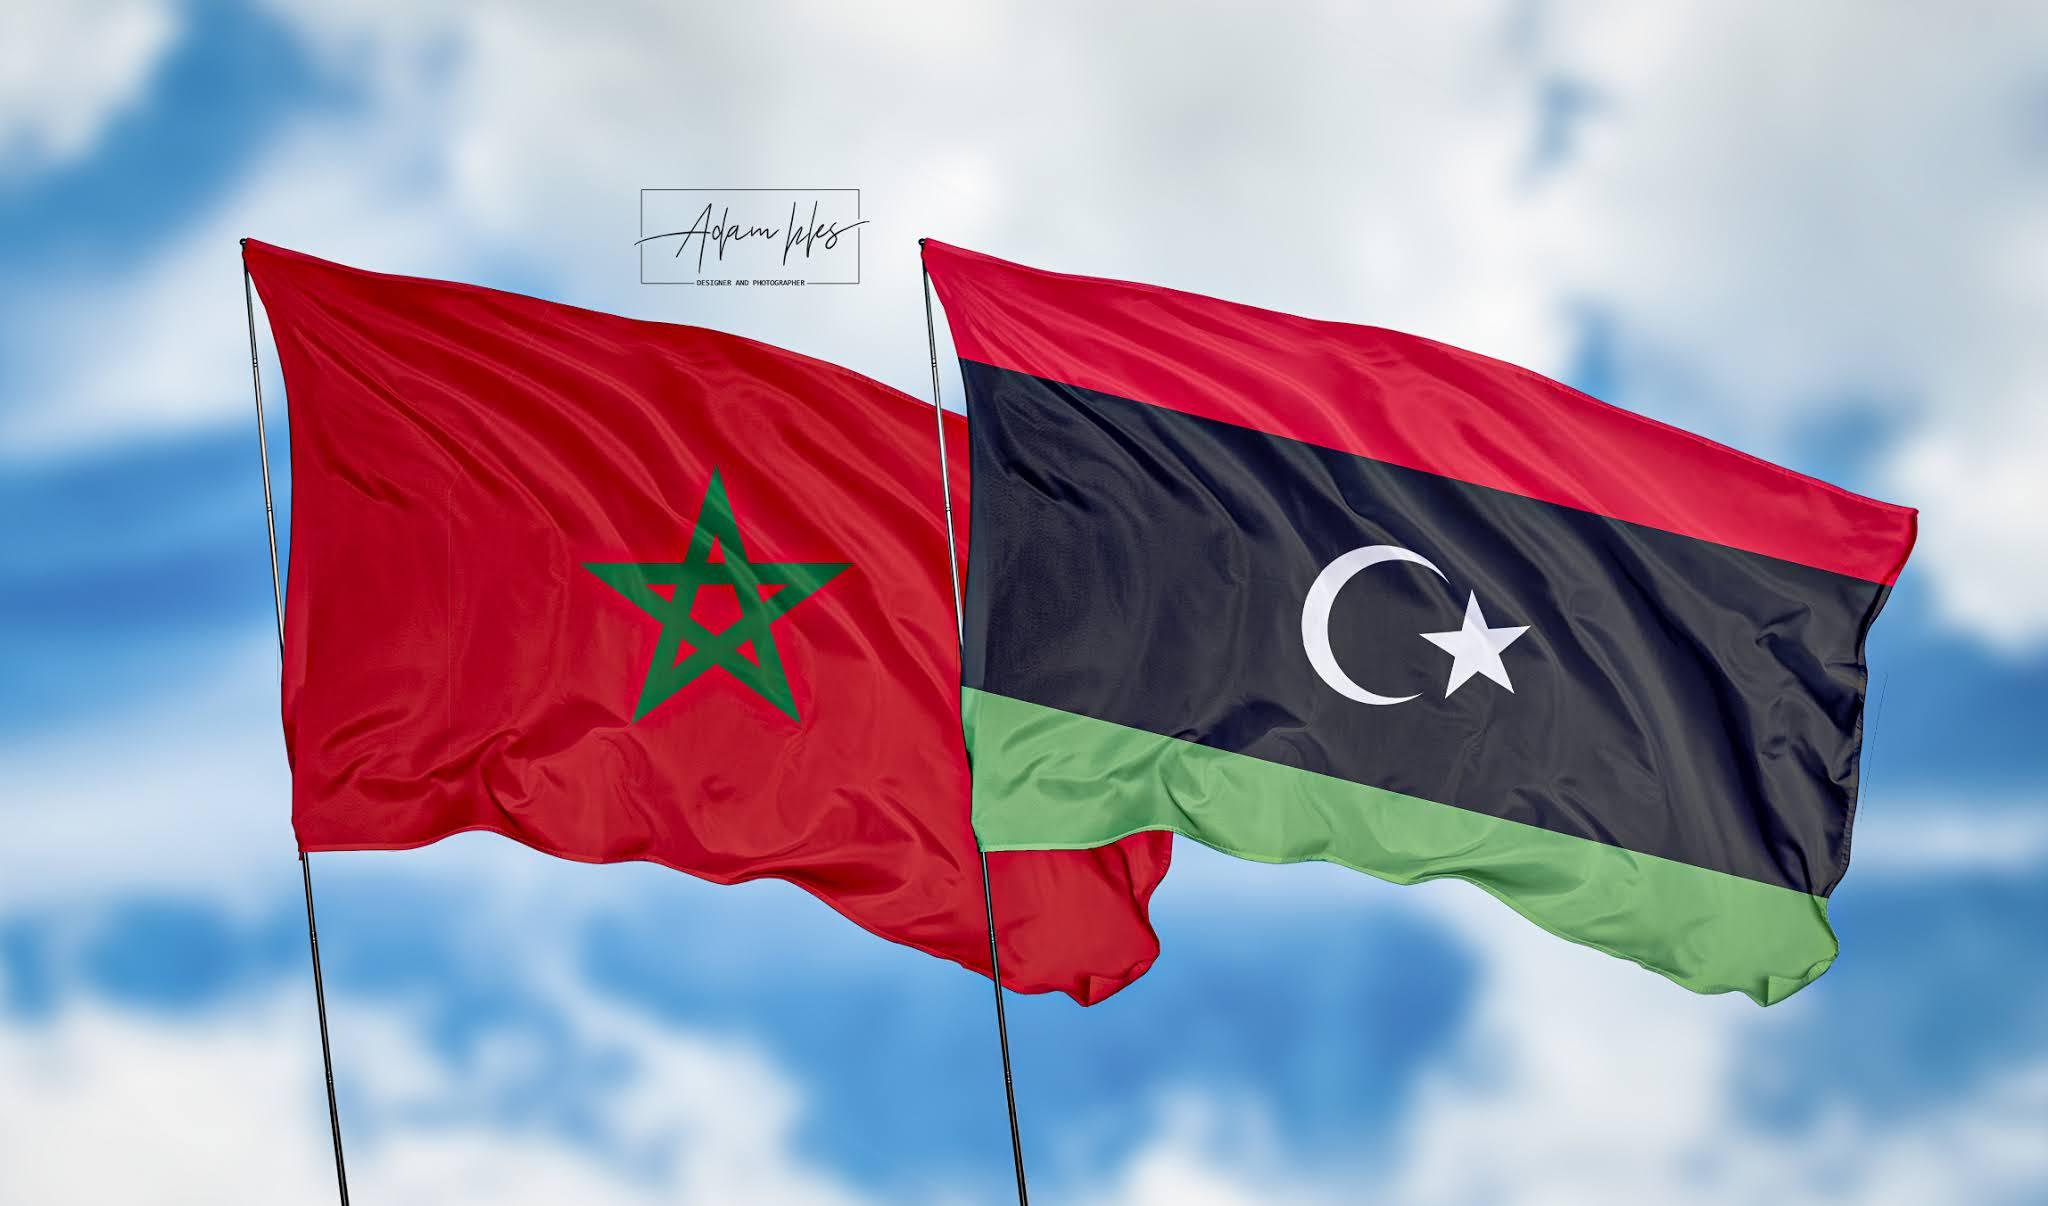 تحميل اجمل خلفية المغرب وليبيا خلفيات اعلام ليبيا والمغرب ترفرف في السماء